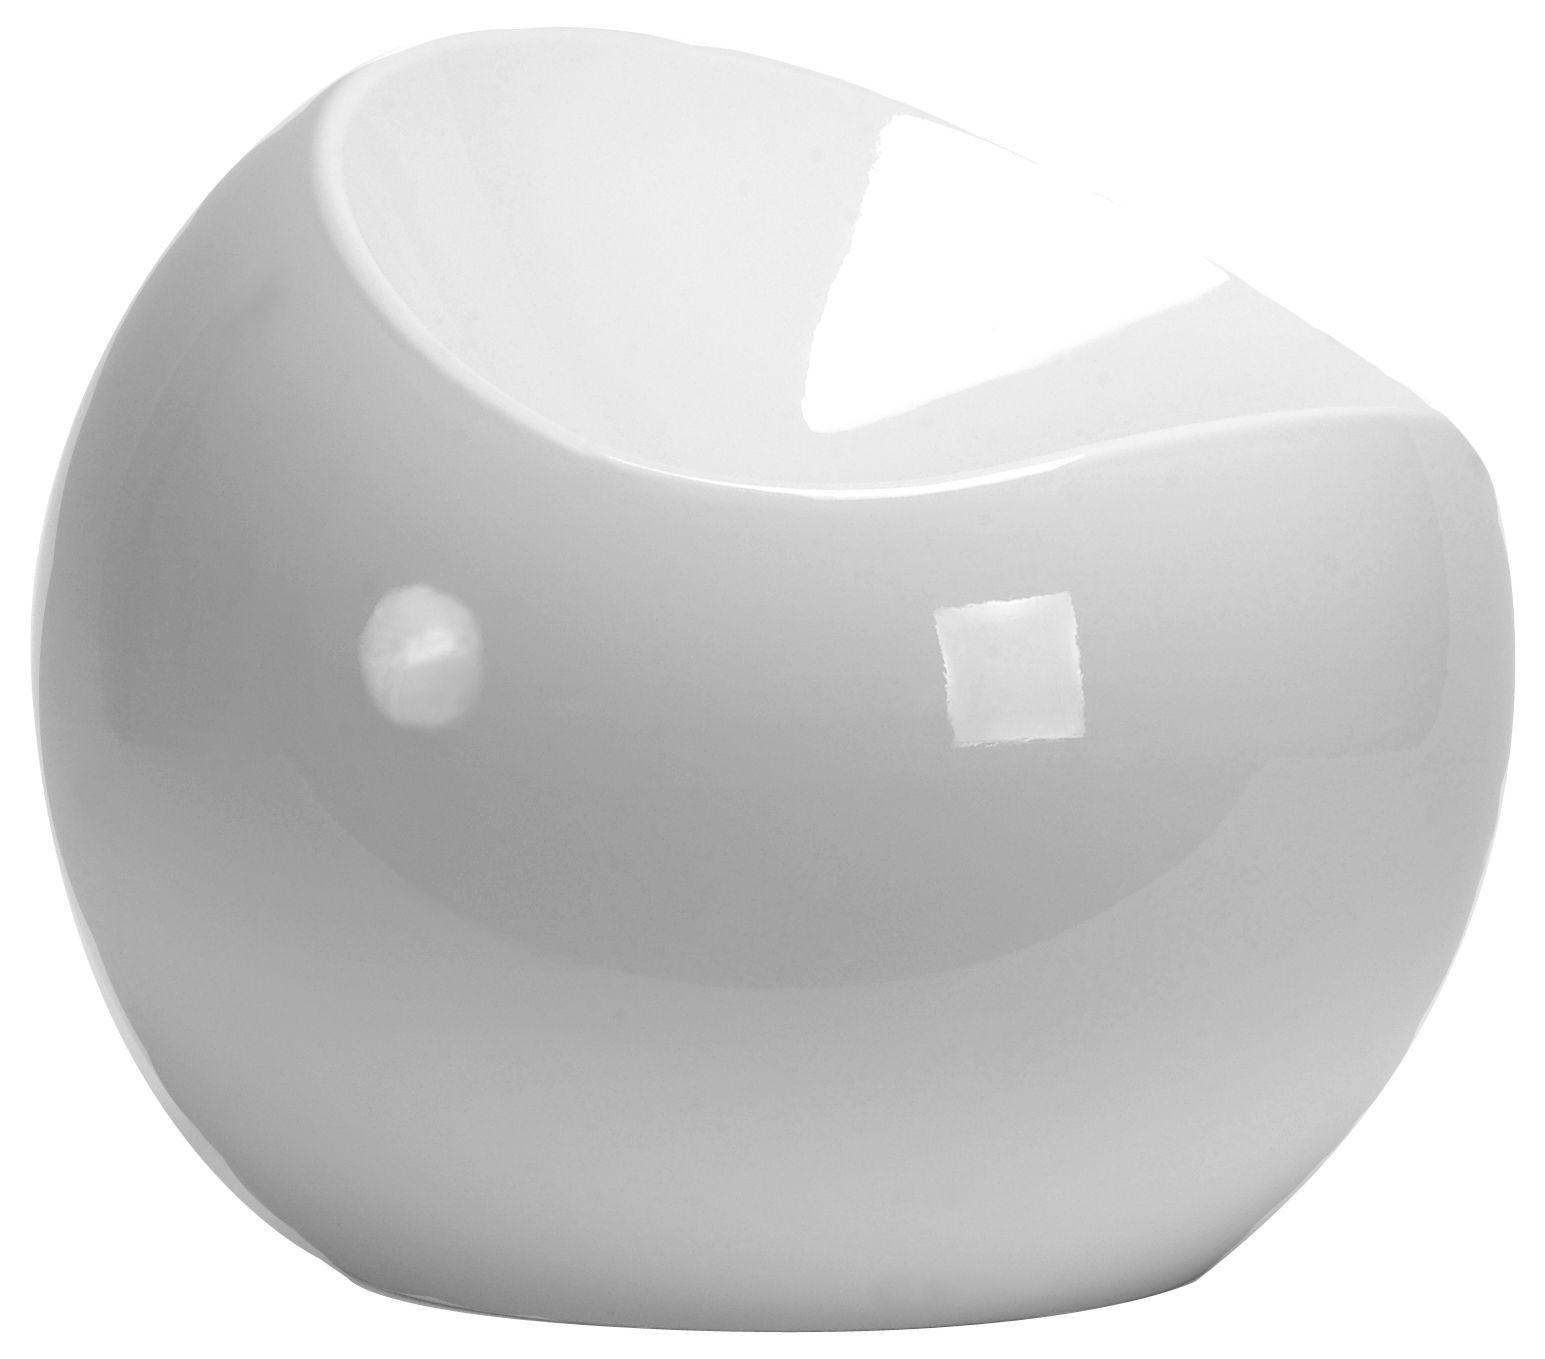 Möbel - Möbel für Teens - Ball Chair Sitzkissen - XL Boom - Weiß - Recyceltes lackiertes ABS